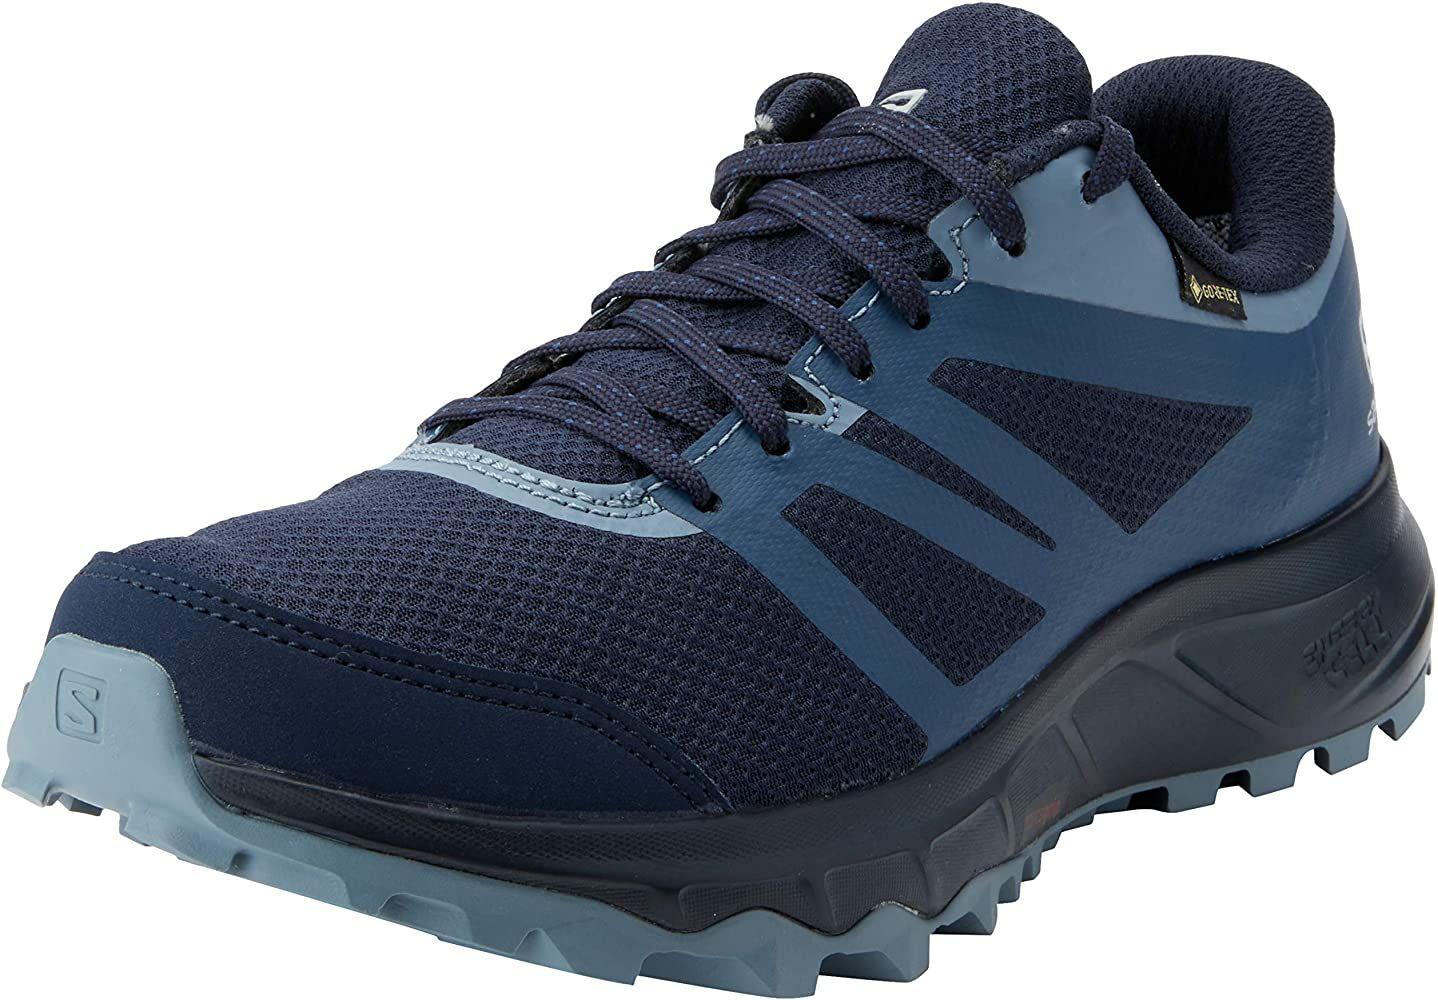 Salomon Damen Trail Running Schuhe, TRAILSTER 2 GTX W Gr. 36 (Amazon)